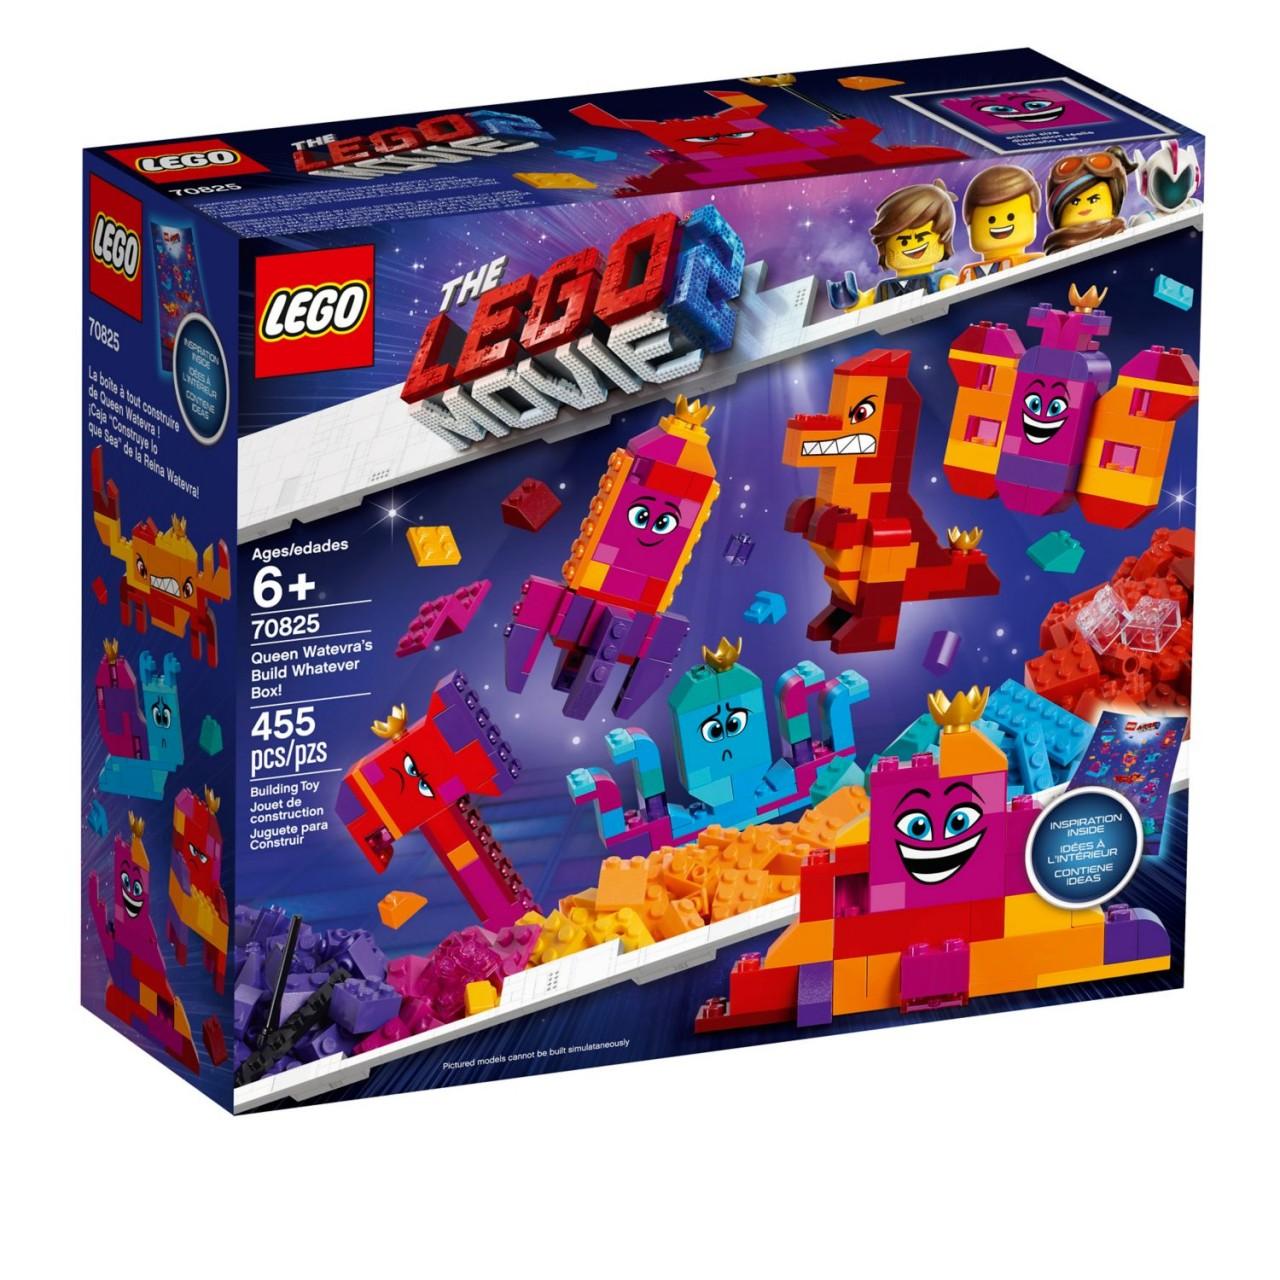 THE LEGO MOVIE 2 70825 Königin Wasimma Si-Willis Bau-Was-Du-Willst-Box!